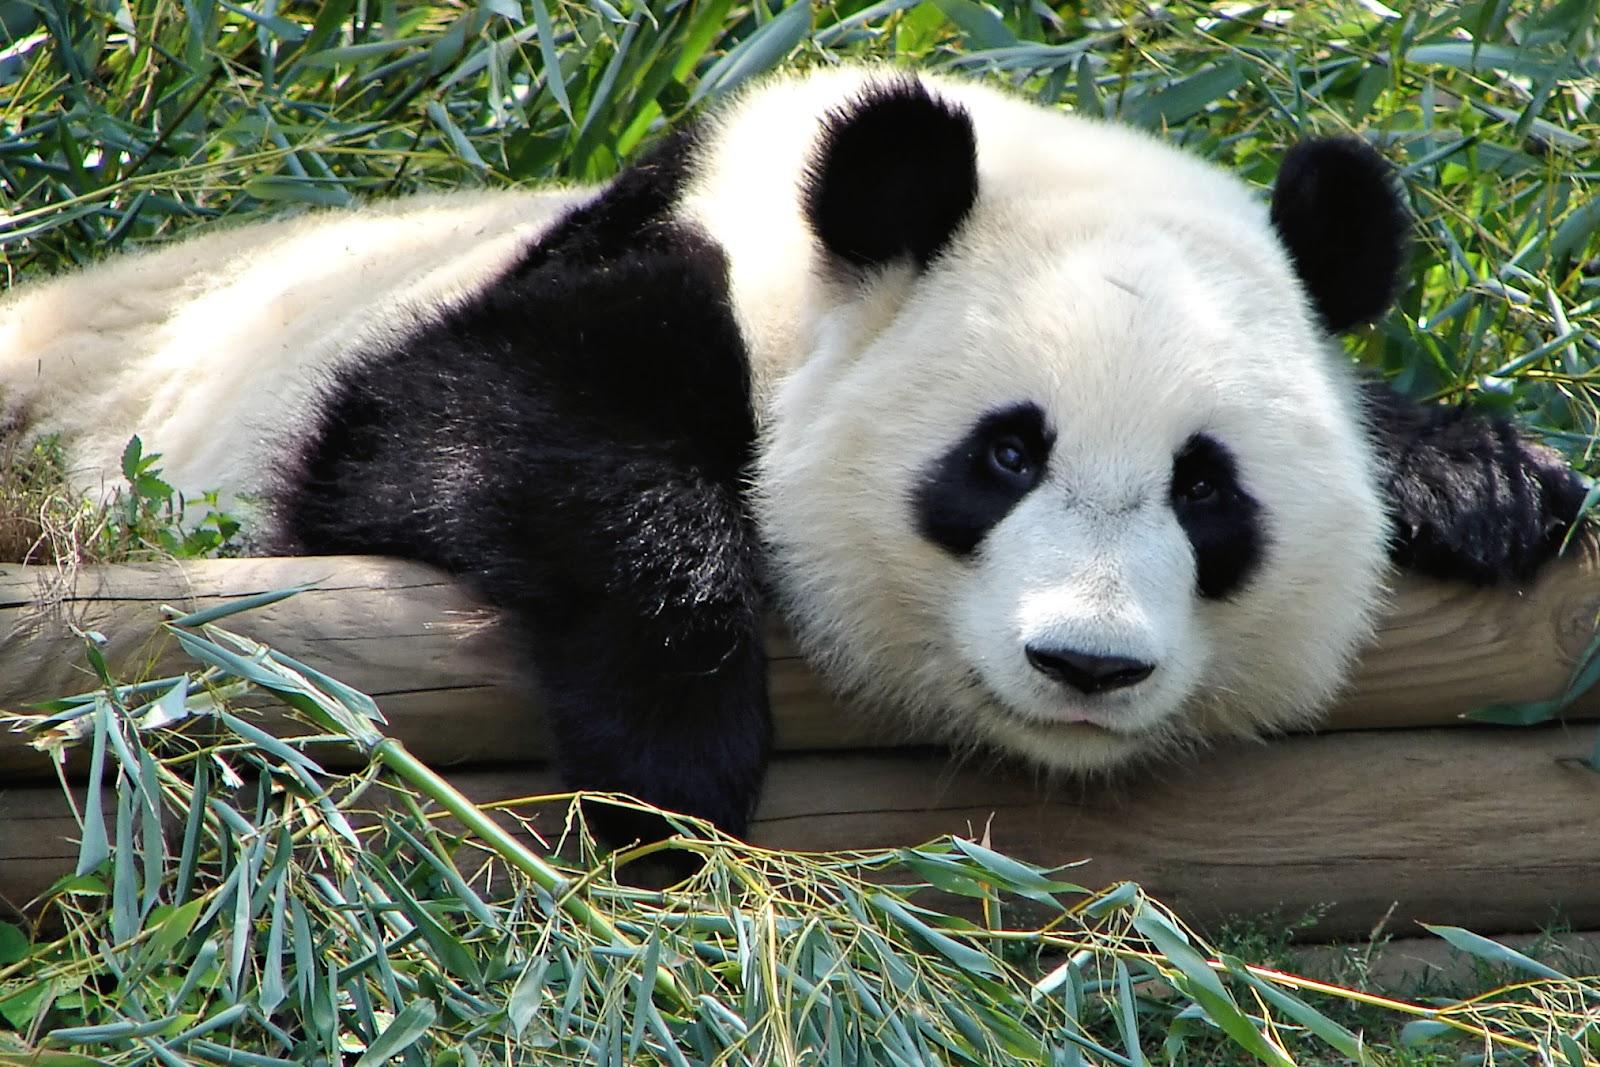 Atlanta Zoo Panda.jpg